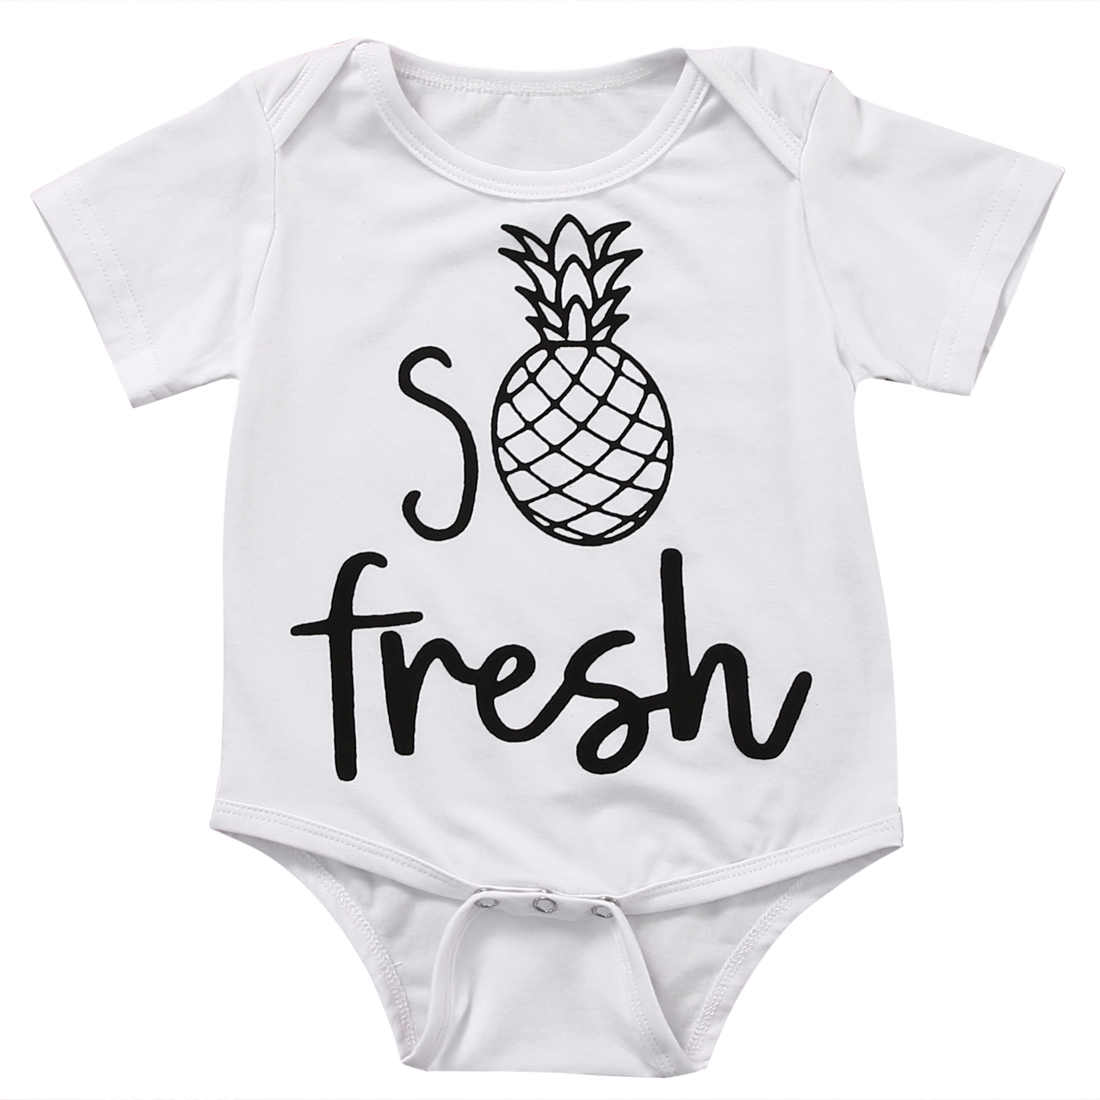 2018 Детский комбинезон с рисунком ананаса для новорожденных и маленьких мальчиков и девочек, хлопковый комбинезон с короткими рукавами, комплект одежды